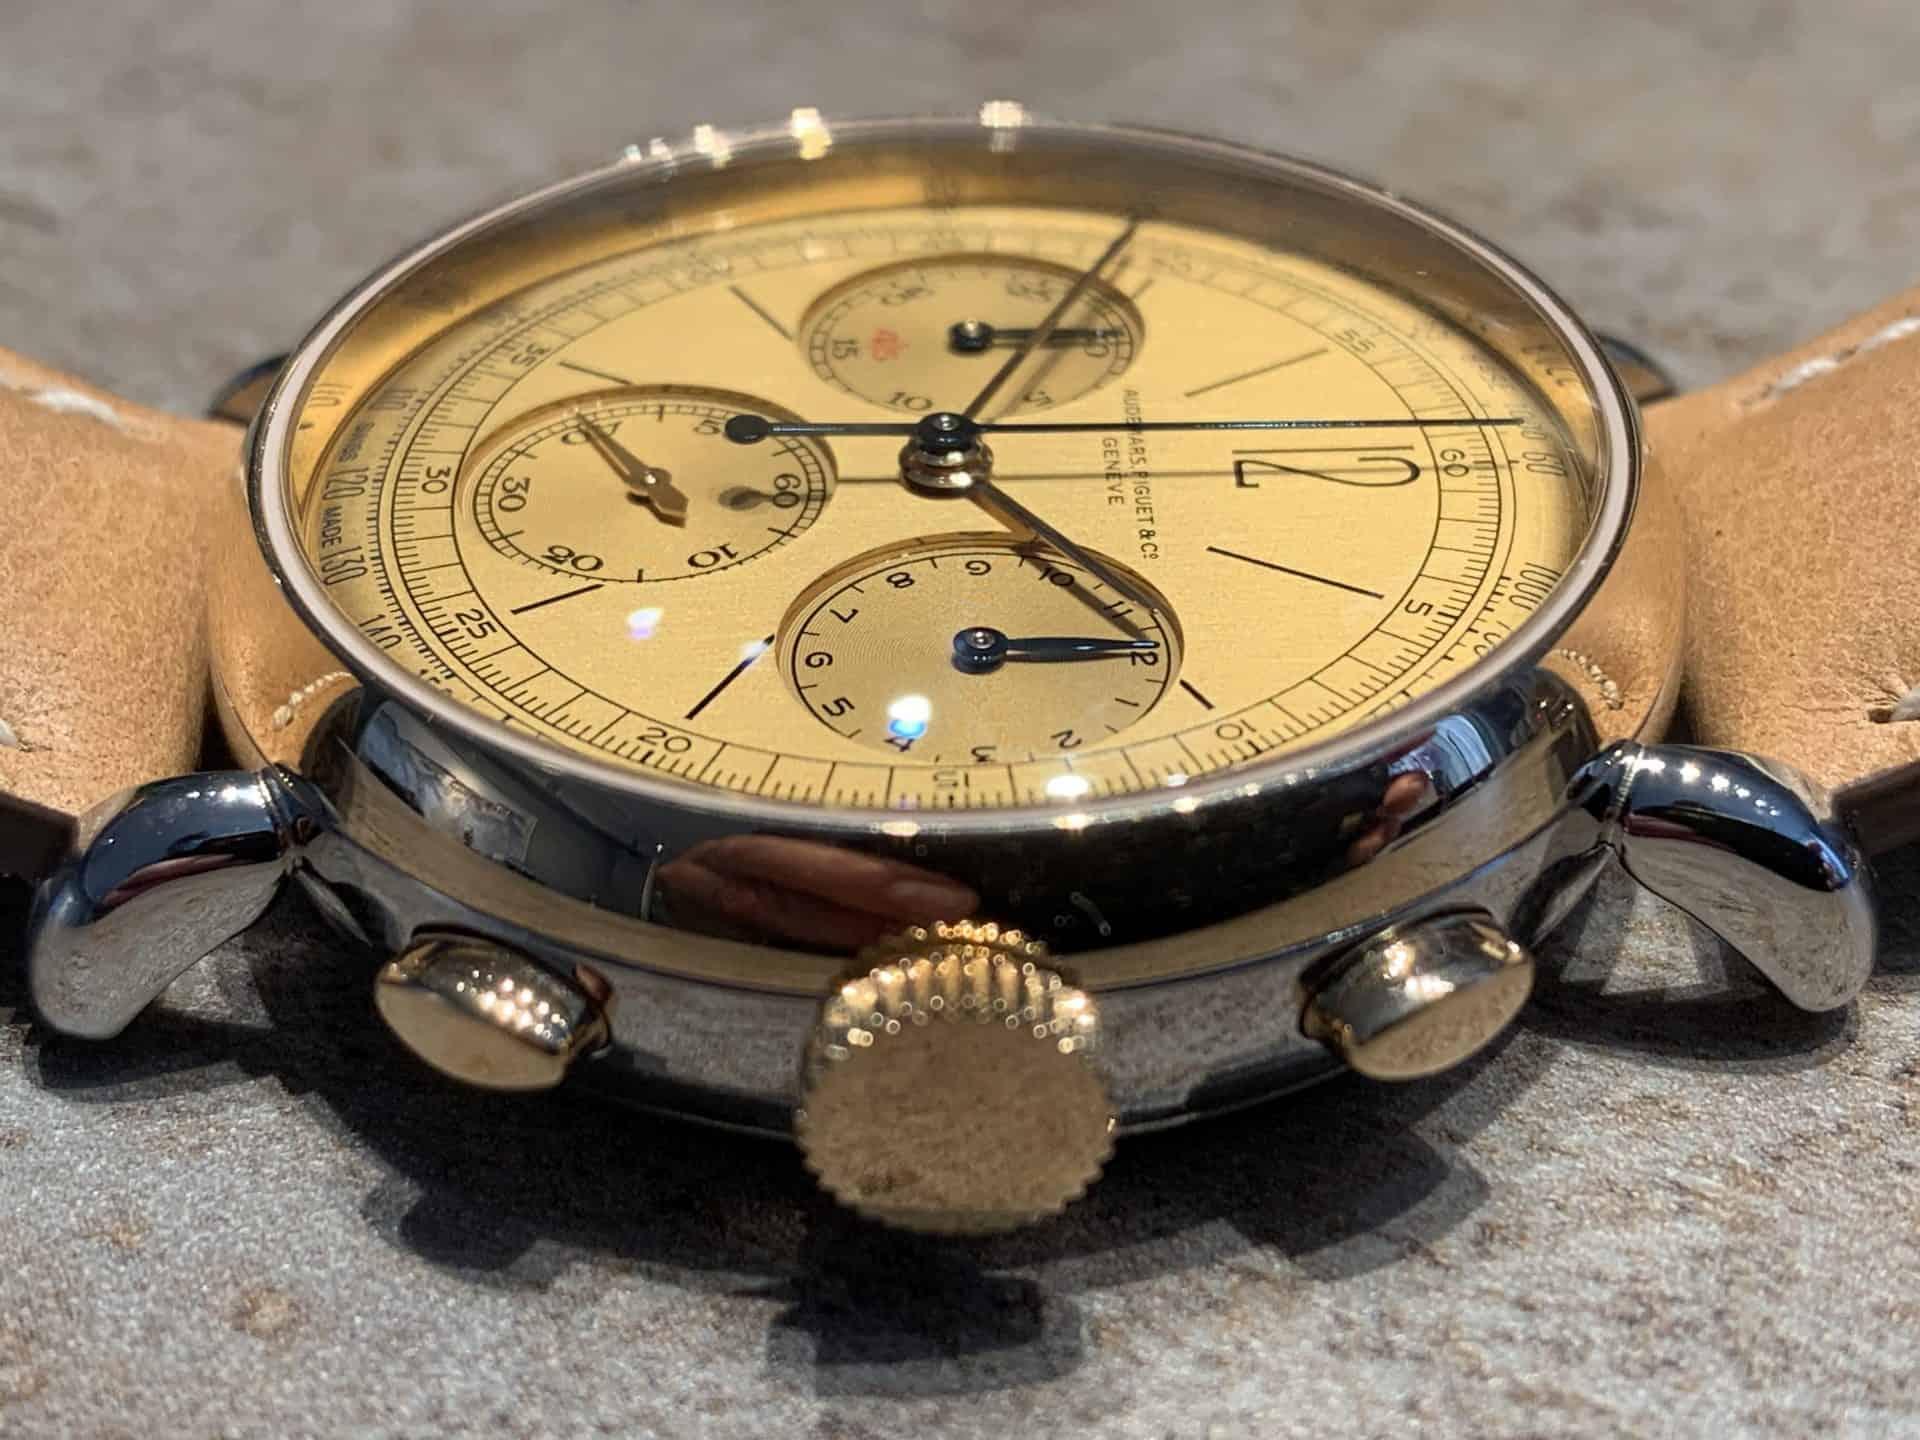 Audemars Piguet Automatik Chronograph Referenz 2659SSR.OO .A032VE.01 Foto GLB 07